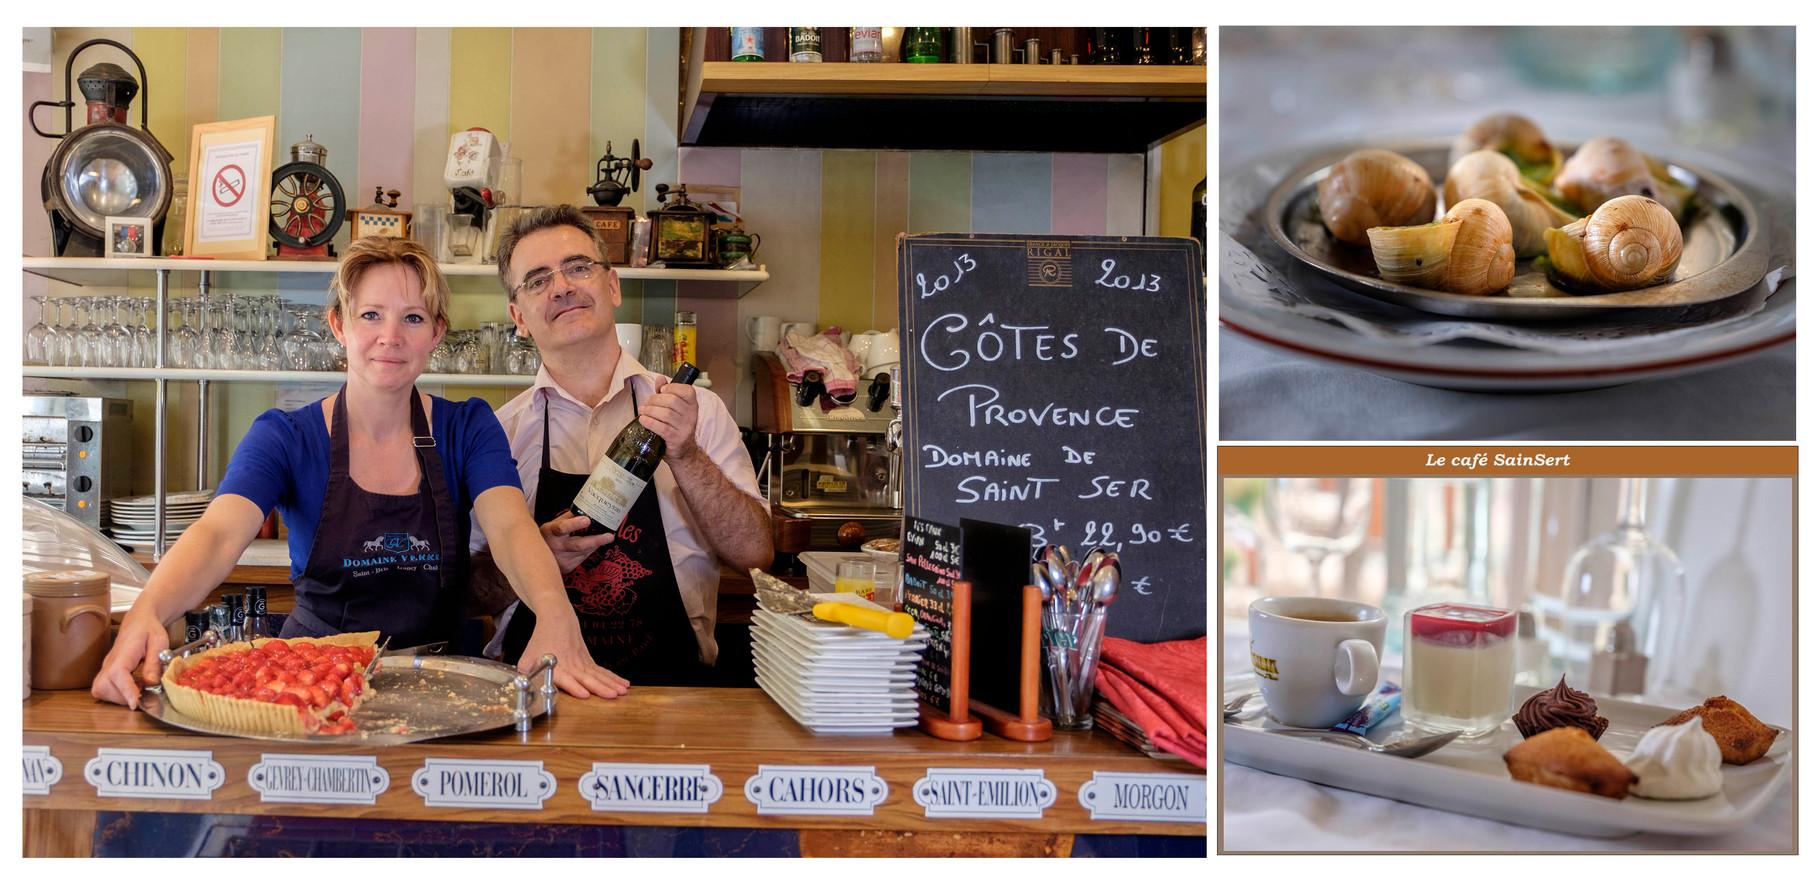 Restaurateurs Stéphane et Isabelle à Puteaux